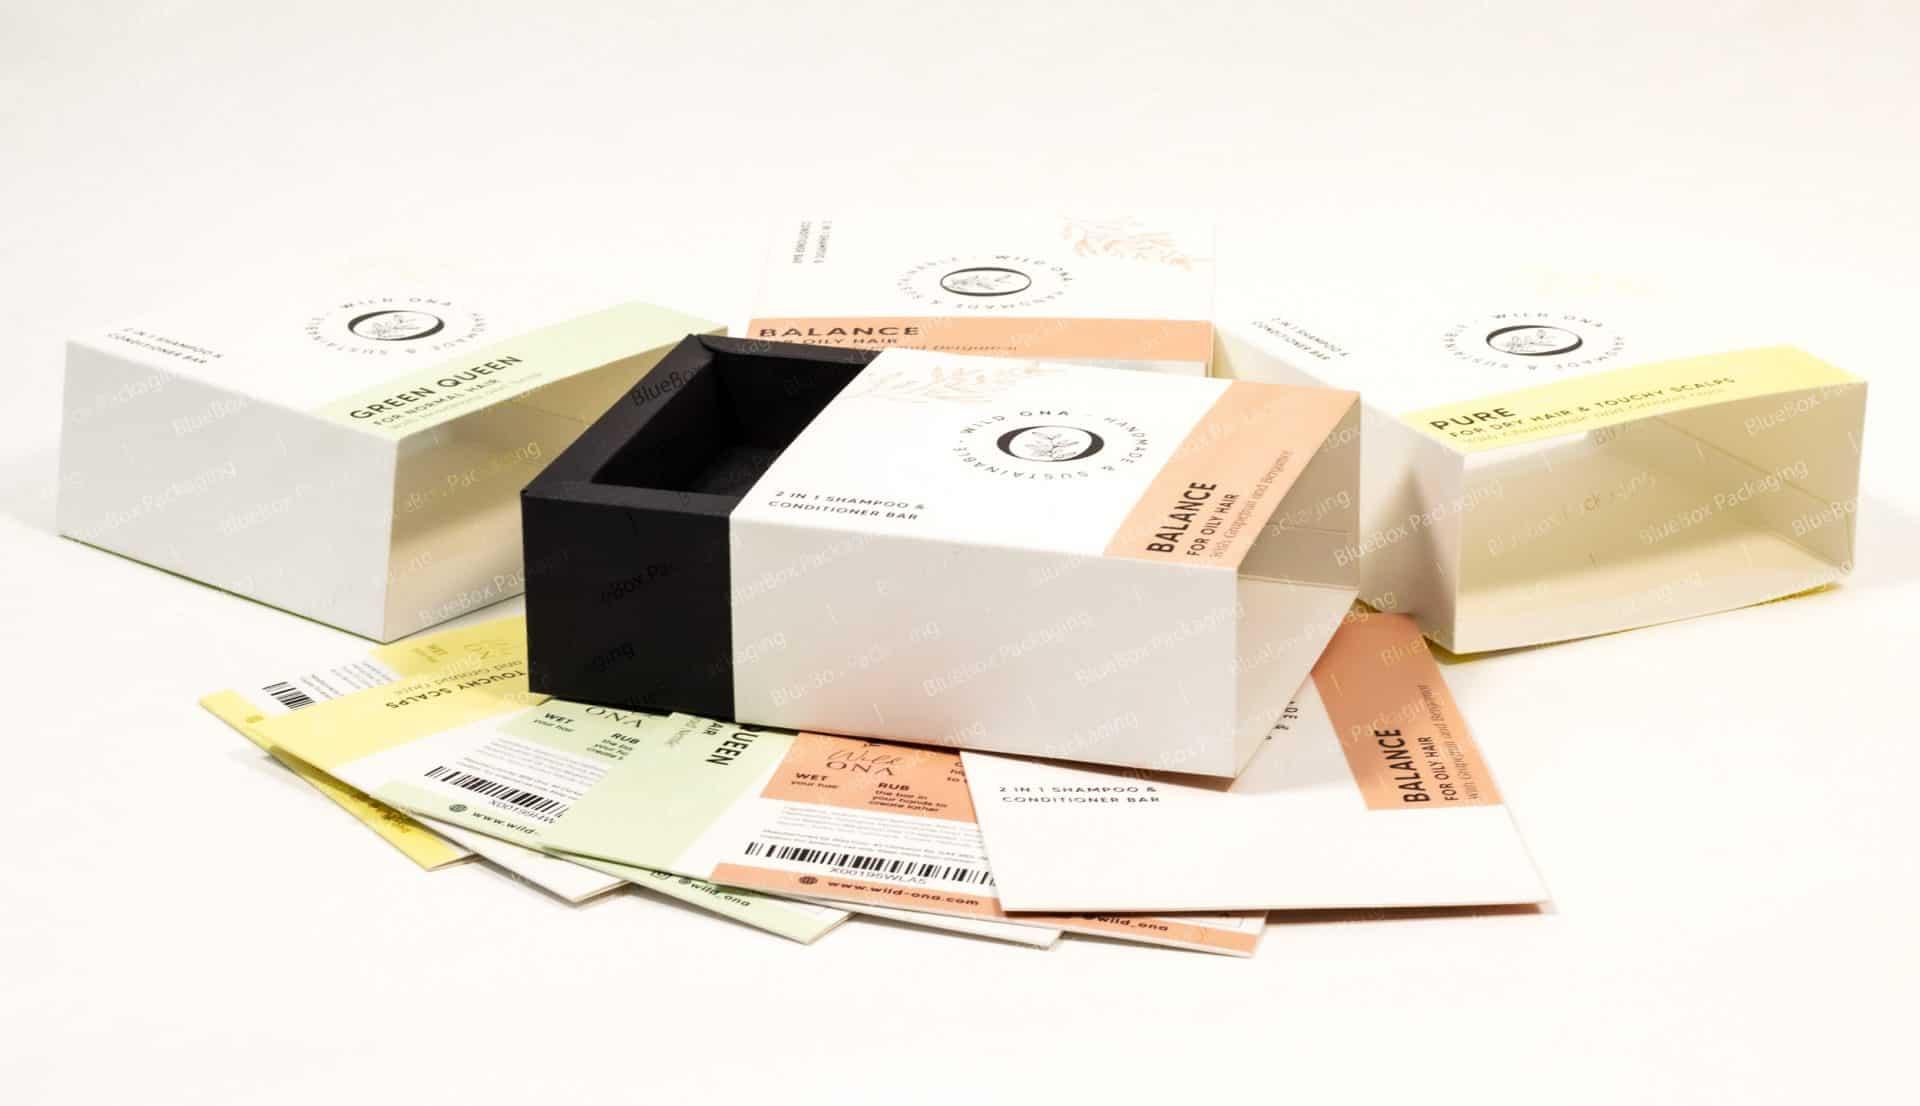 cusotm printed sleeve boxes